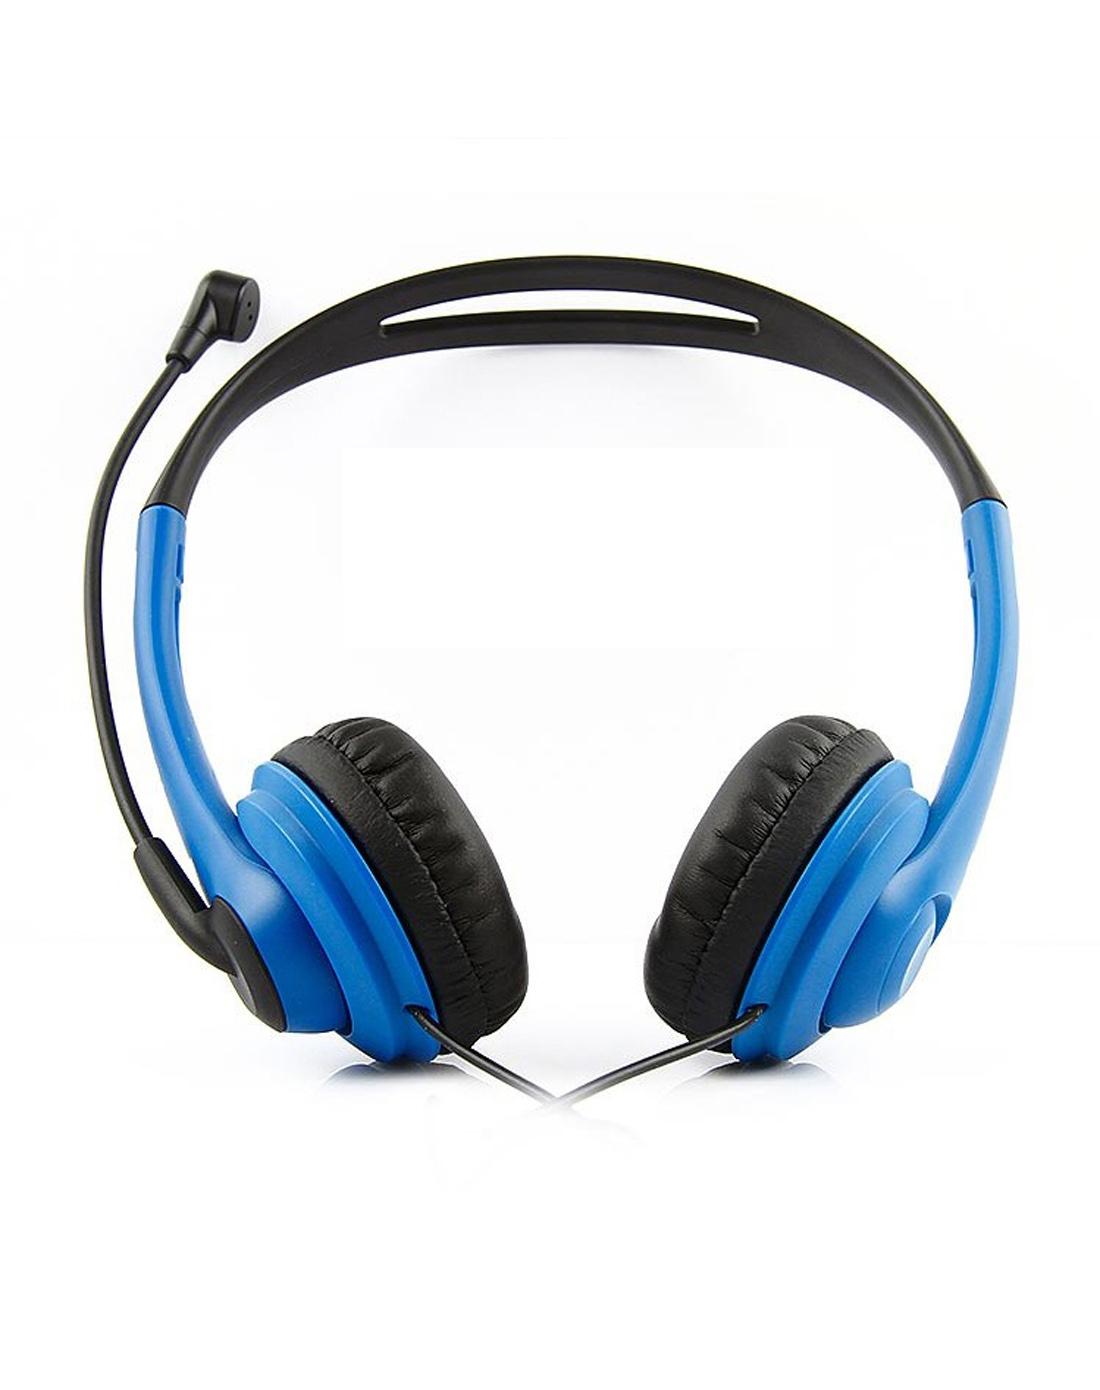 音响dvd组合松下时尚头戴电脑游戏耳机双插头游戏